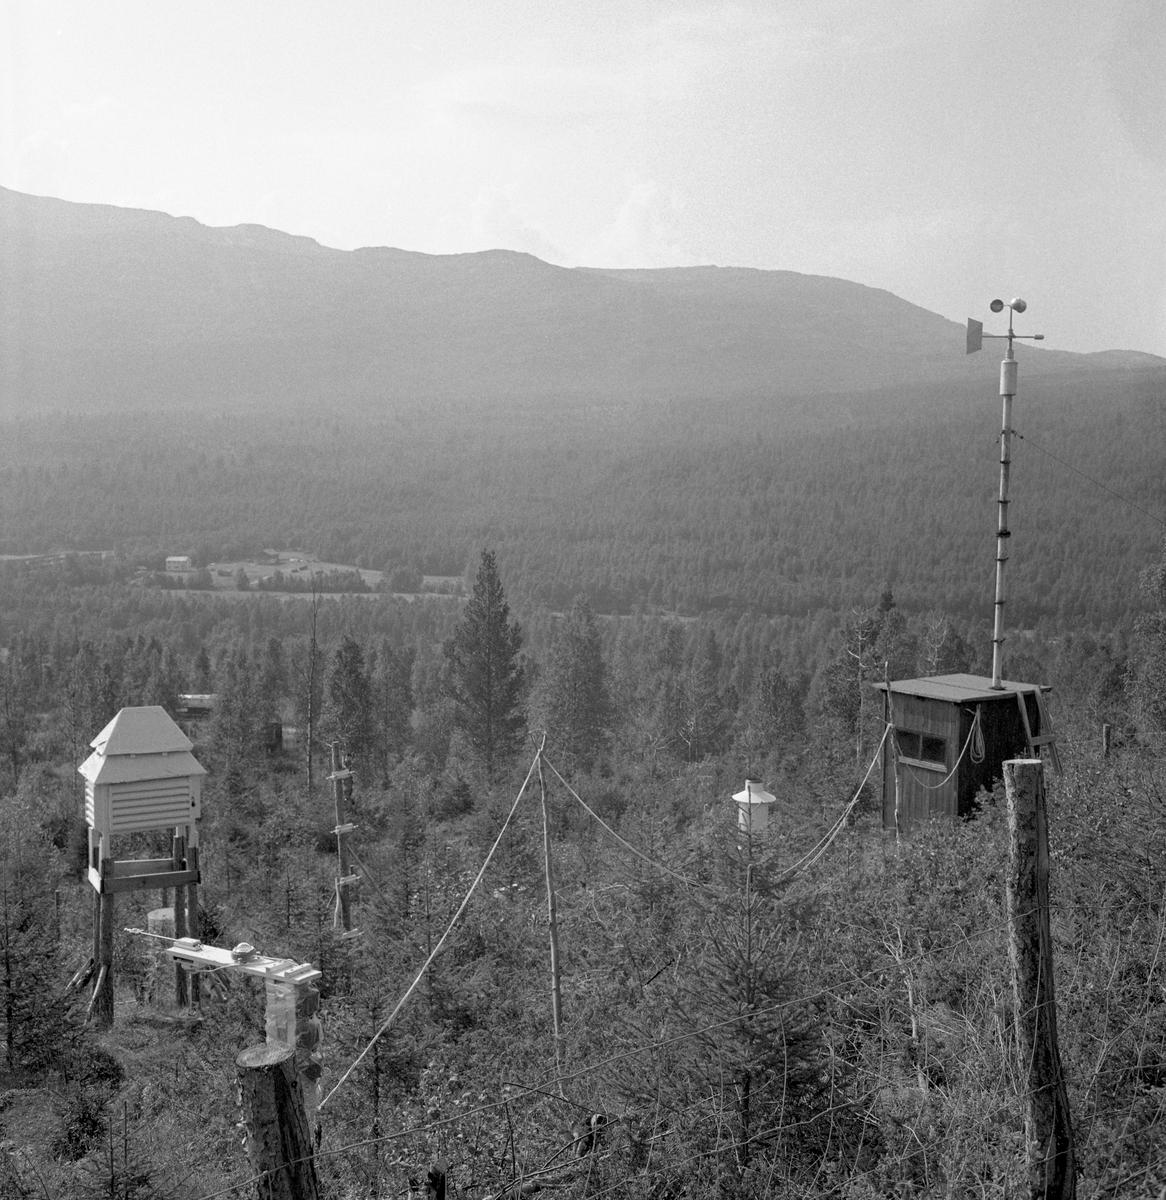 Klimaregistrering, antakelig etablert av Det norske skogforsøksvesen i 1950- eller 60-åra. Fotografiet er tatt i en vid da, der skogvegetasjonen bare brytes av et gardsbruk omgitt av forholdsvis små engarealer ved dalbotnen i bakgrunnen. Klimaregisteringsutstyret later til å være plassert i utkanten av et plantefelt med gran, som var skjermet mot beitedyr ved hjelp av et trådgjerde (i forgrunnen). Bak gjerdet ser vi blant annet et stativ med en hygrotermograf som registrerte skiftende temperaturer og vekslinger i luftfuktighet, en nedbørsamler og en stasjon som dokumenterte variasjoner i vindstyrke. Poenget her må sannsynligvis ha vært å sammenholde meteorologiske data fra de nevnte instrumentene med vekstutviklinga i ungskogen på det omkringliggende plantefeltet. Den mest kjente arenaen for slik forskning i Norge var fjellområdet Hirkjølen i Ringebu kommune i Oppland, der Elias Mork skal ha hatt 17 slike stasjoner i drift, men det er usikkert om dette fotografiet kan være derfra.